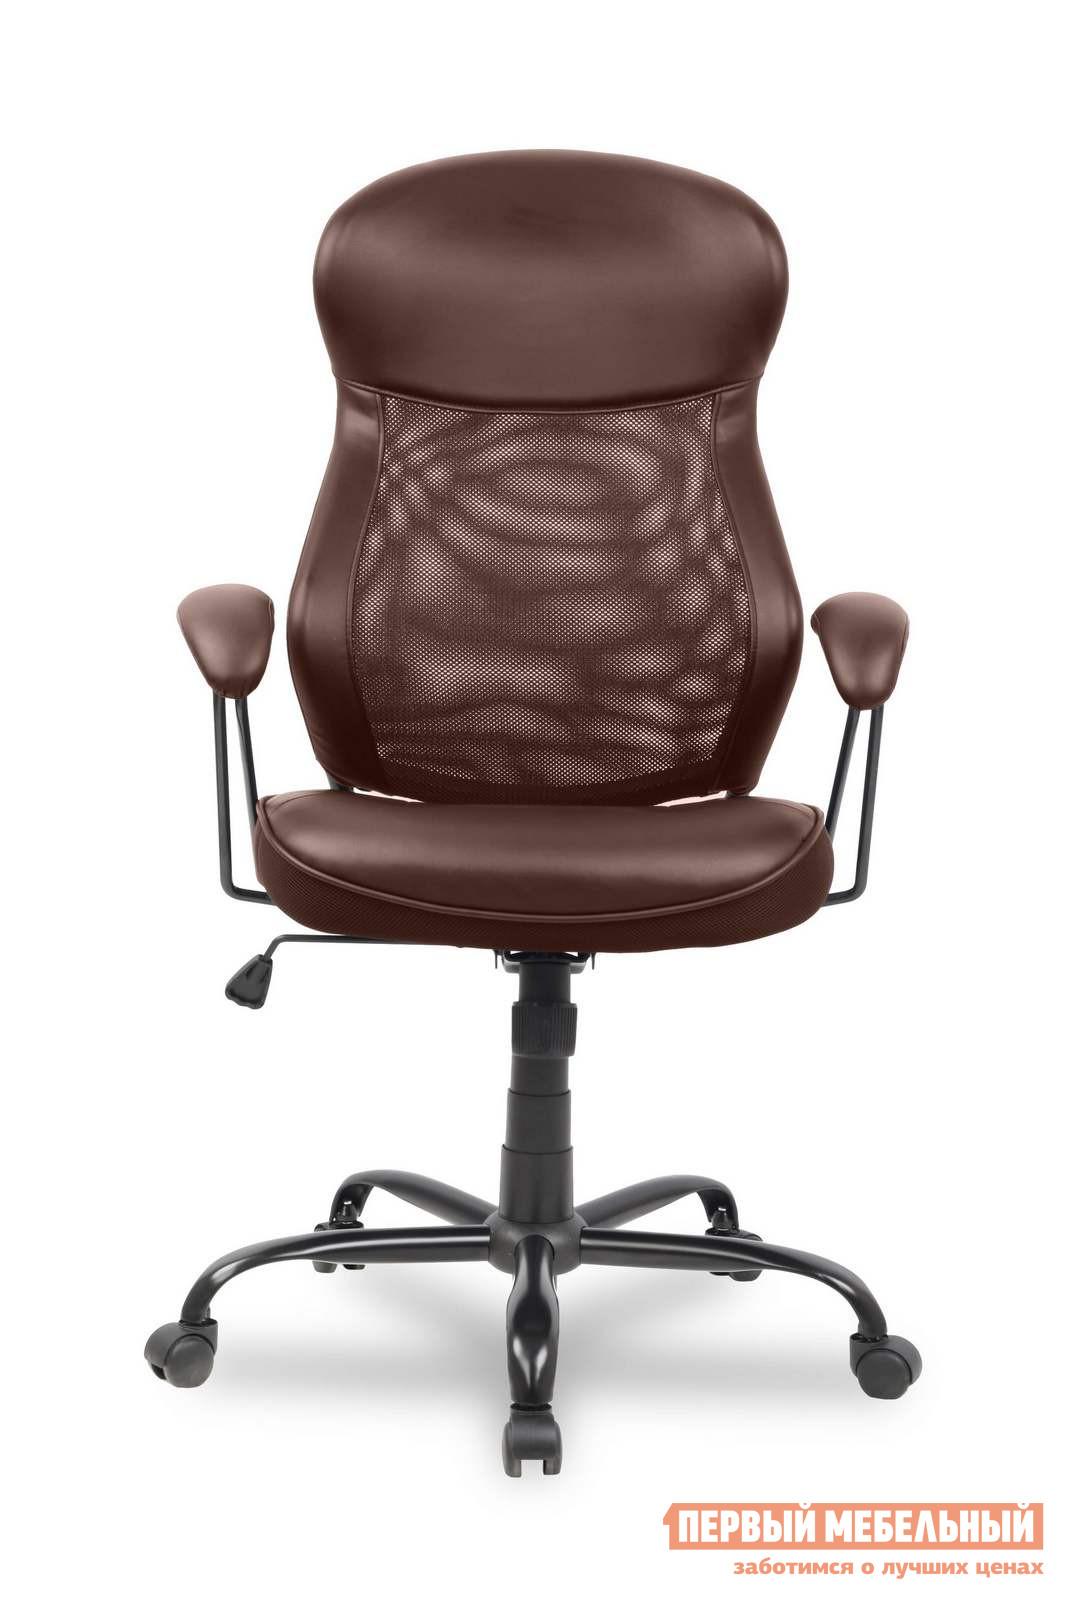 Офисное кресло College HLC-0370 Коричневый от Купистол